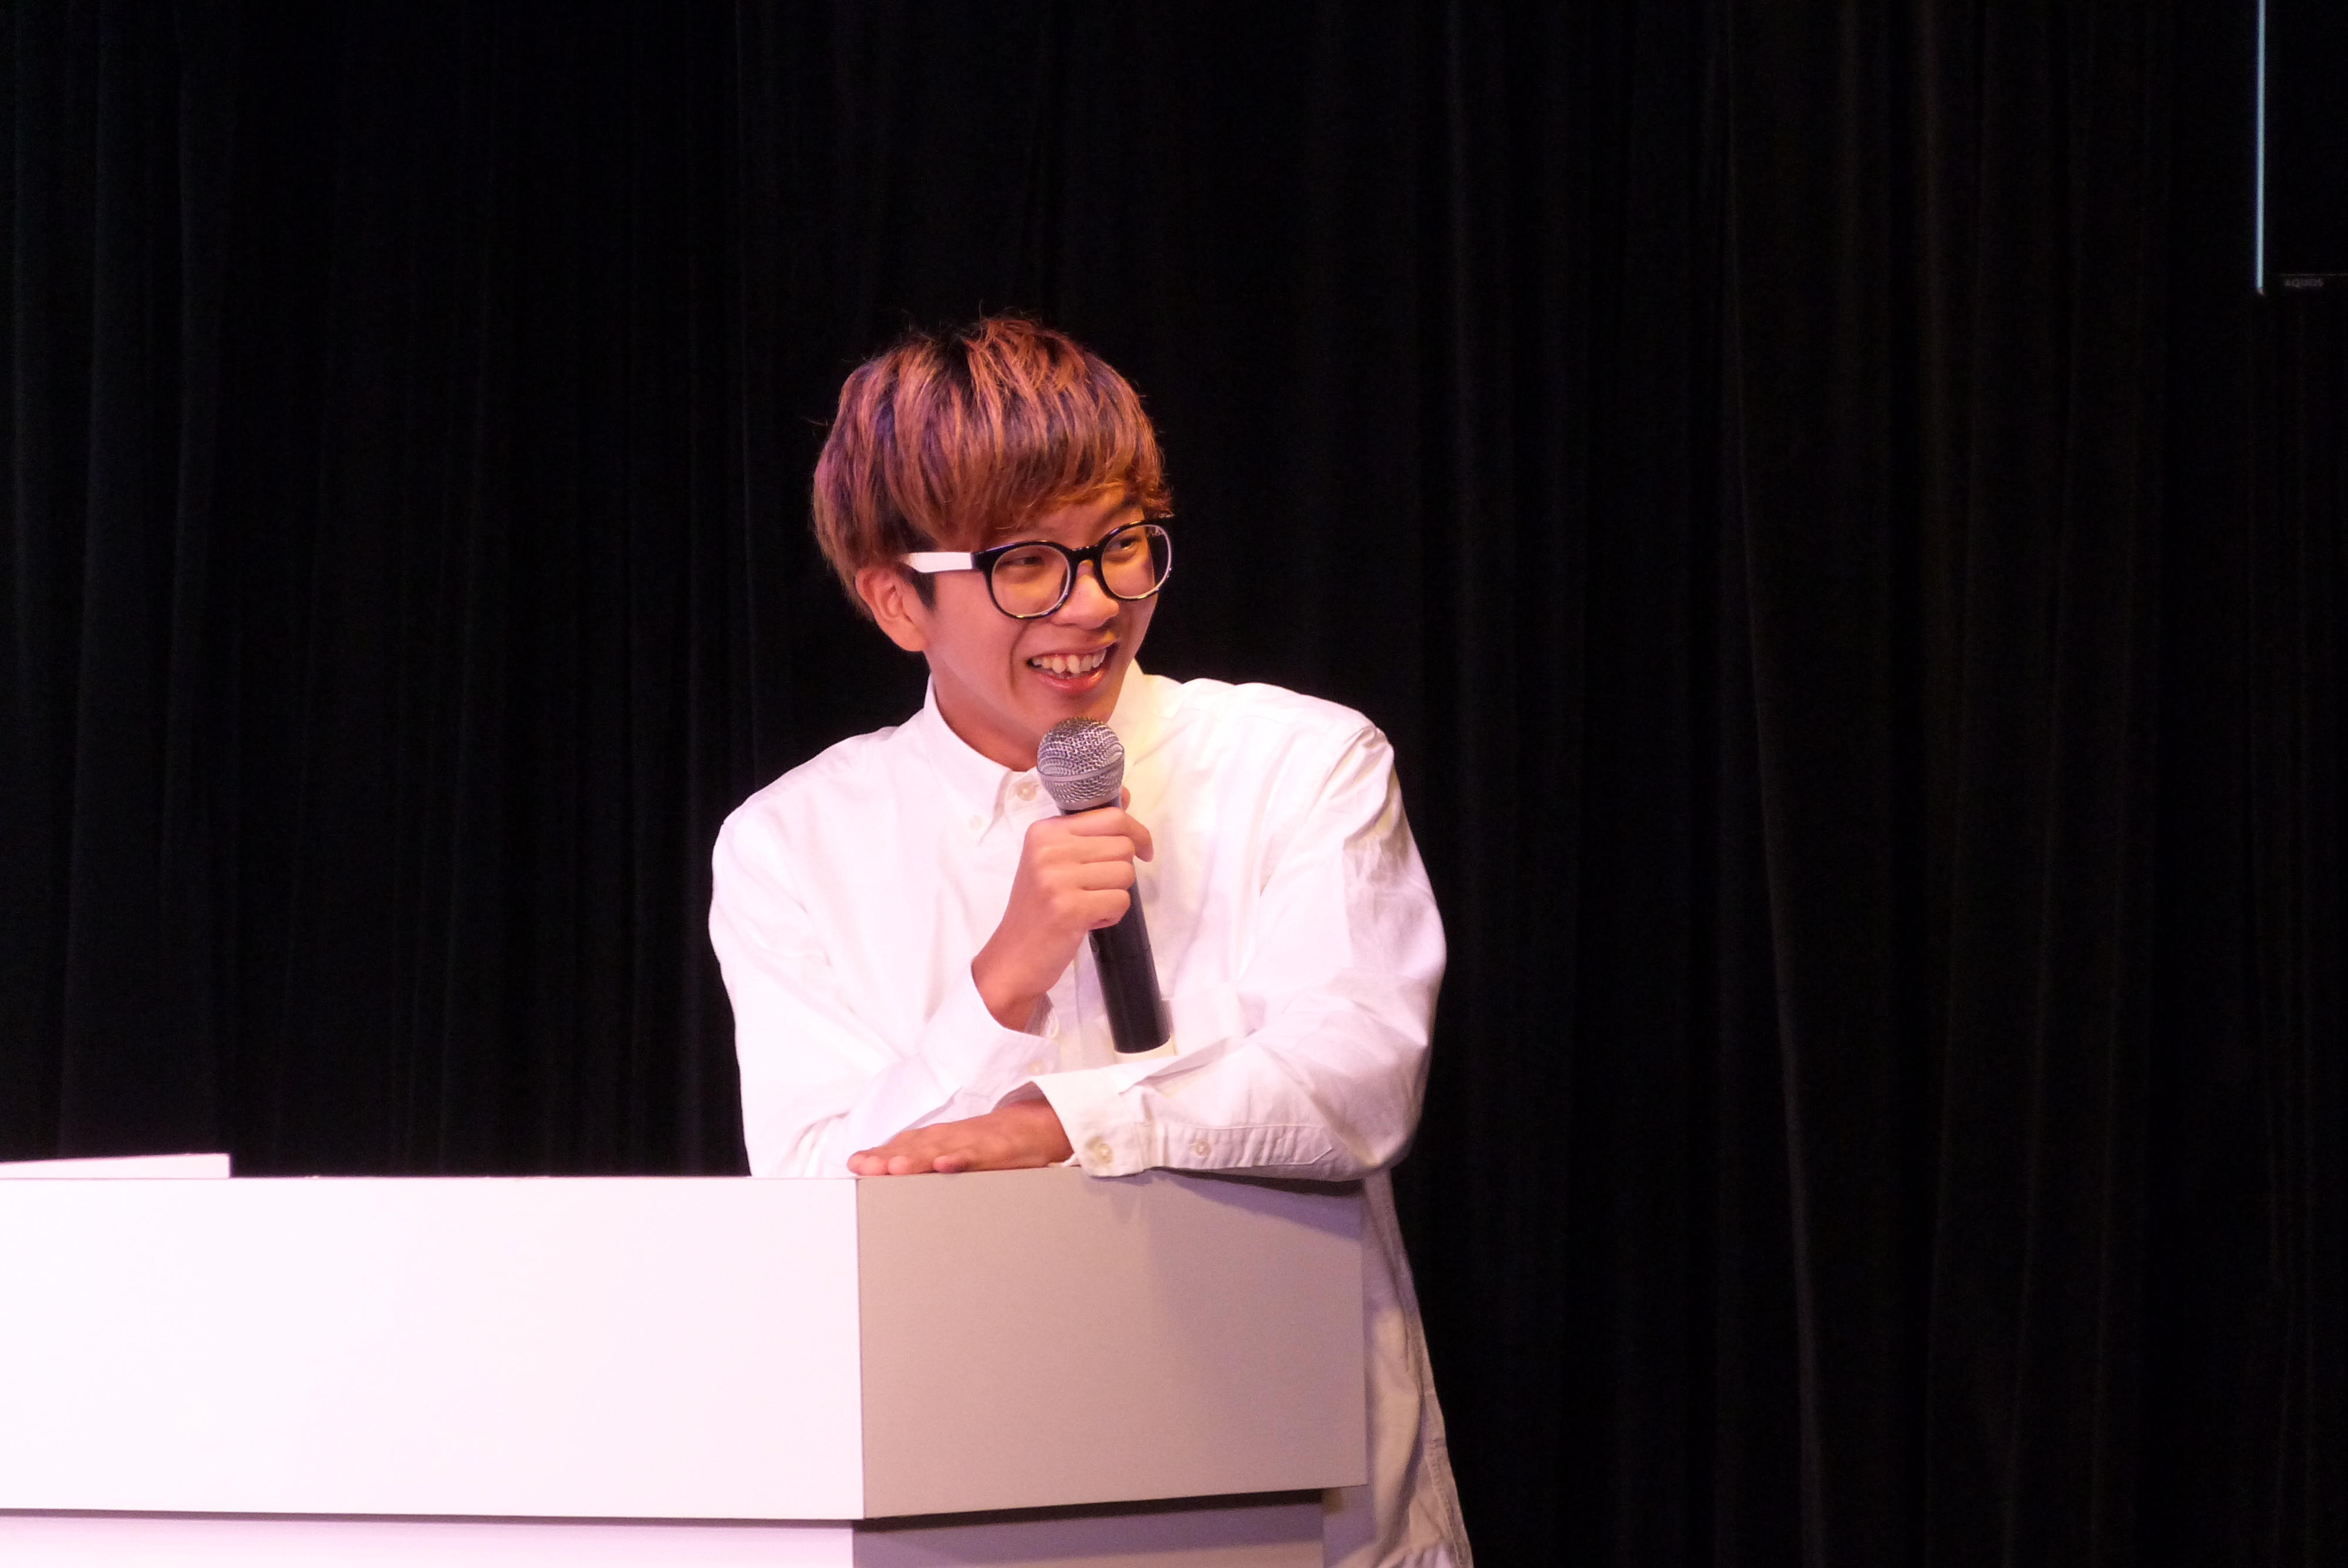 http://news.yoshimoto.co.jp/20180727212828-e8870d0f93465f3b99e2e75ed0afe613b0763928.jpg